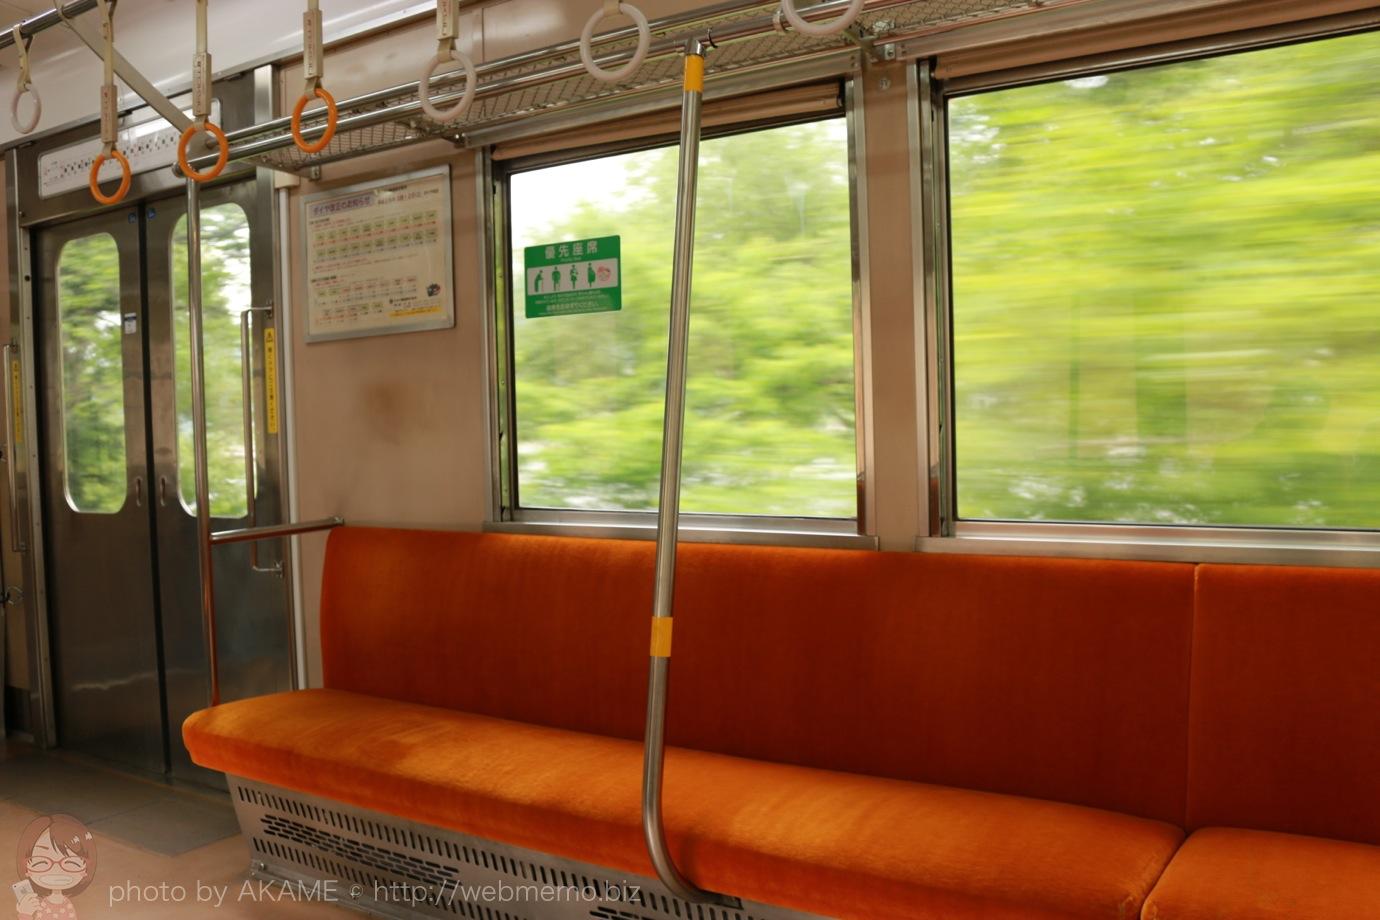 東急電鉄7200系 車内の様子